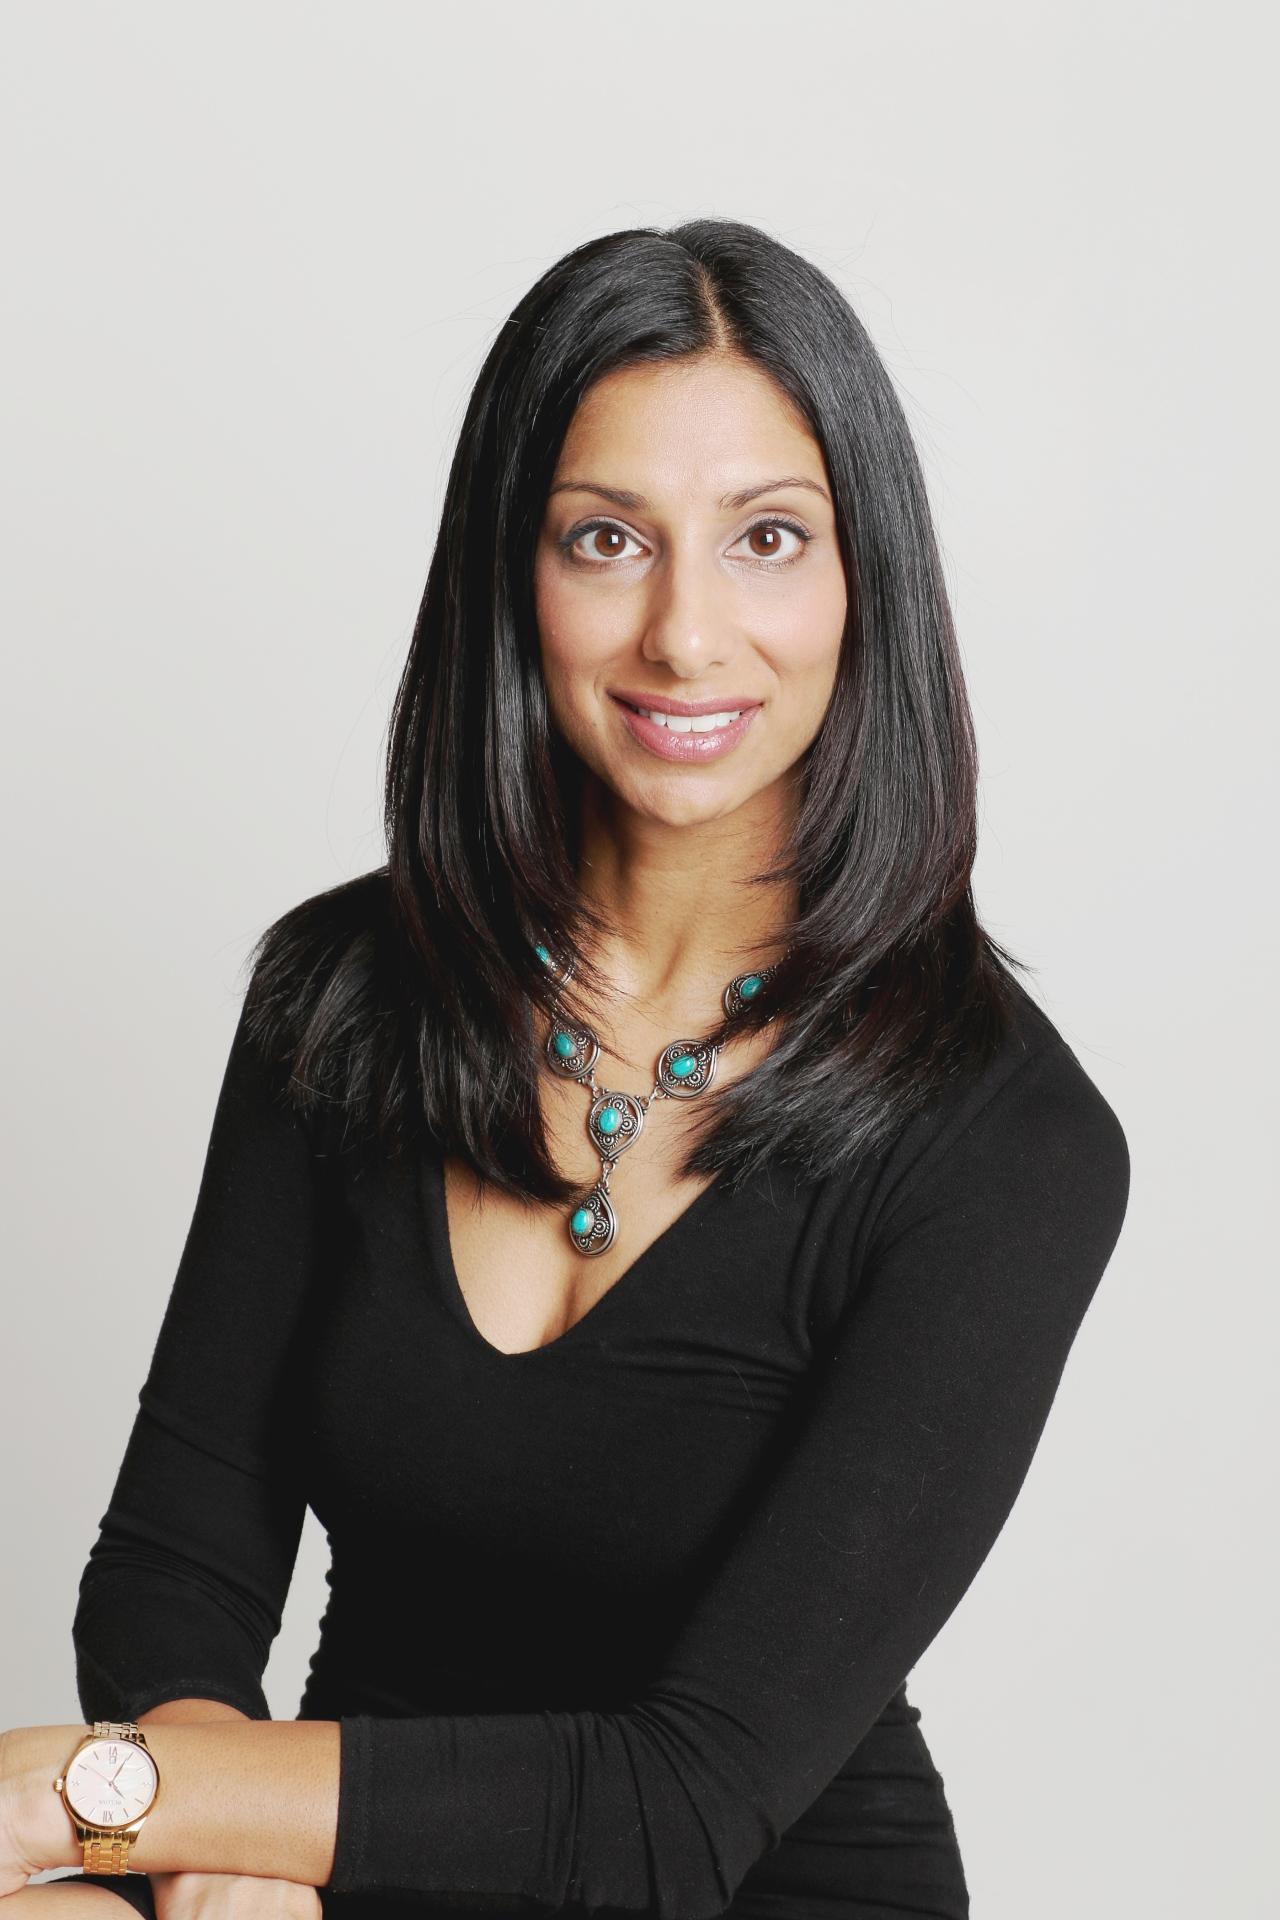 Dr. Nameera Chagpar